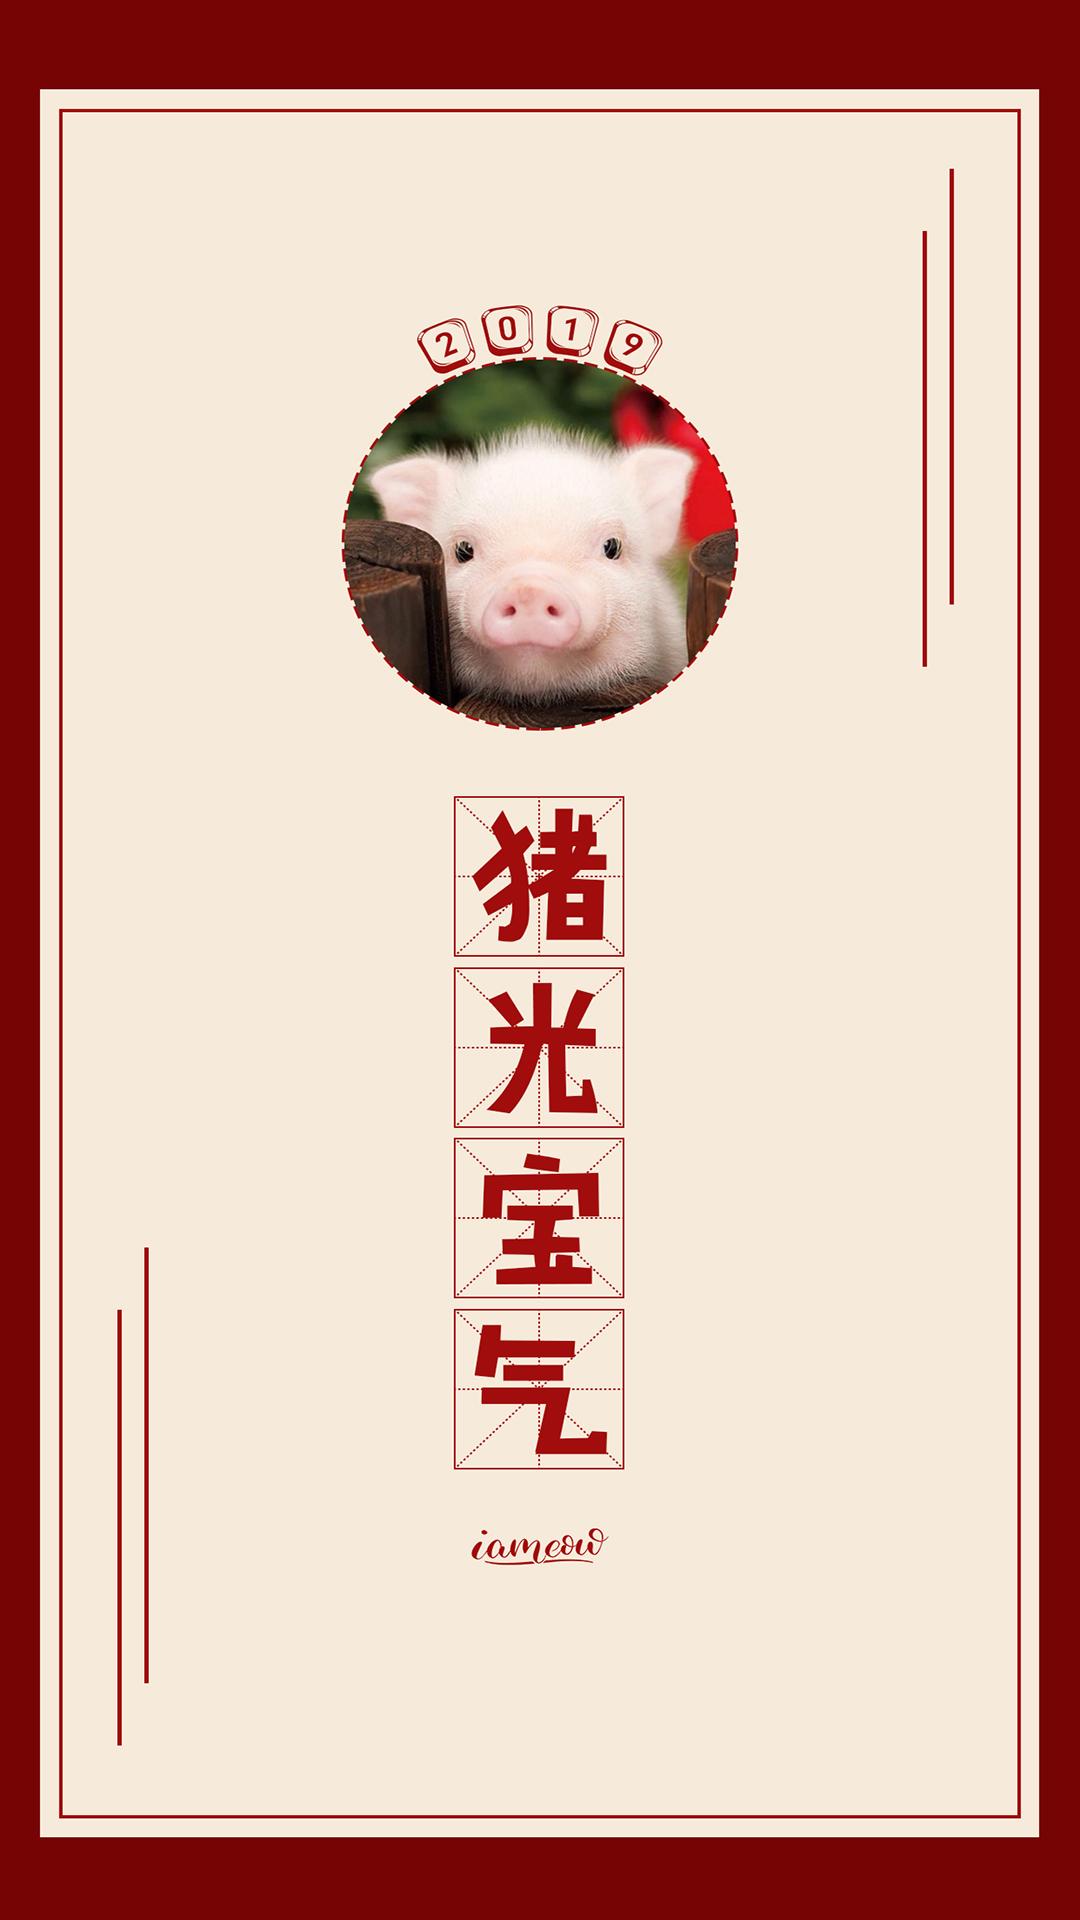 可爱萌猪祝福创意手机可爱桌面壁纸